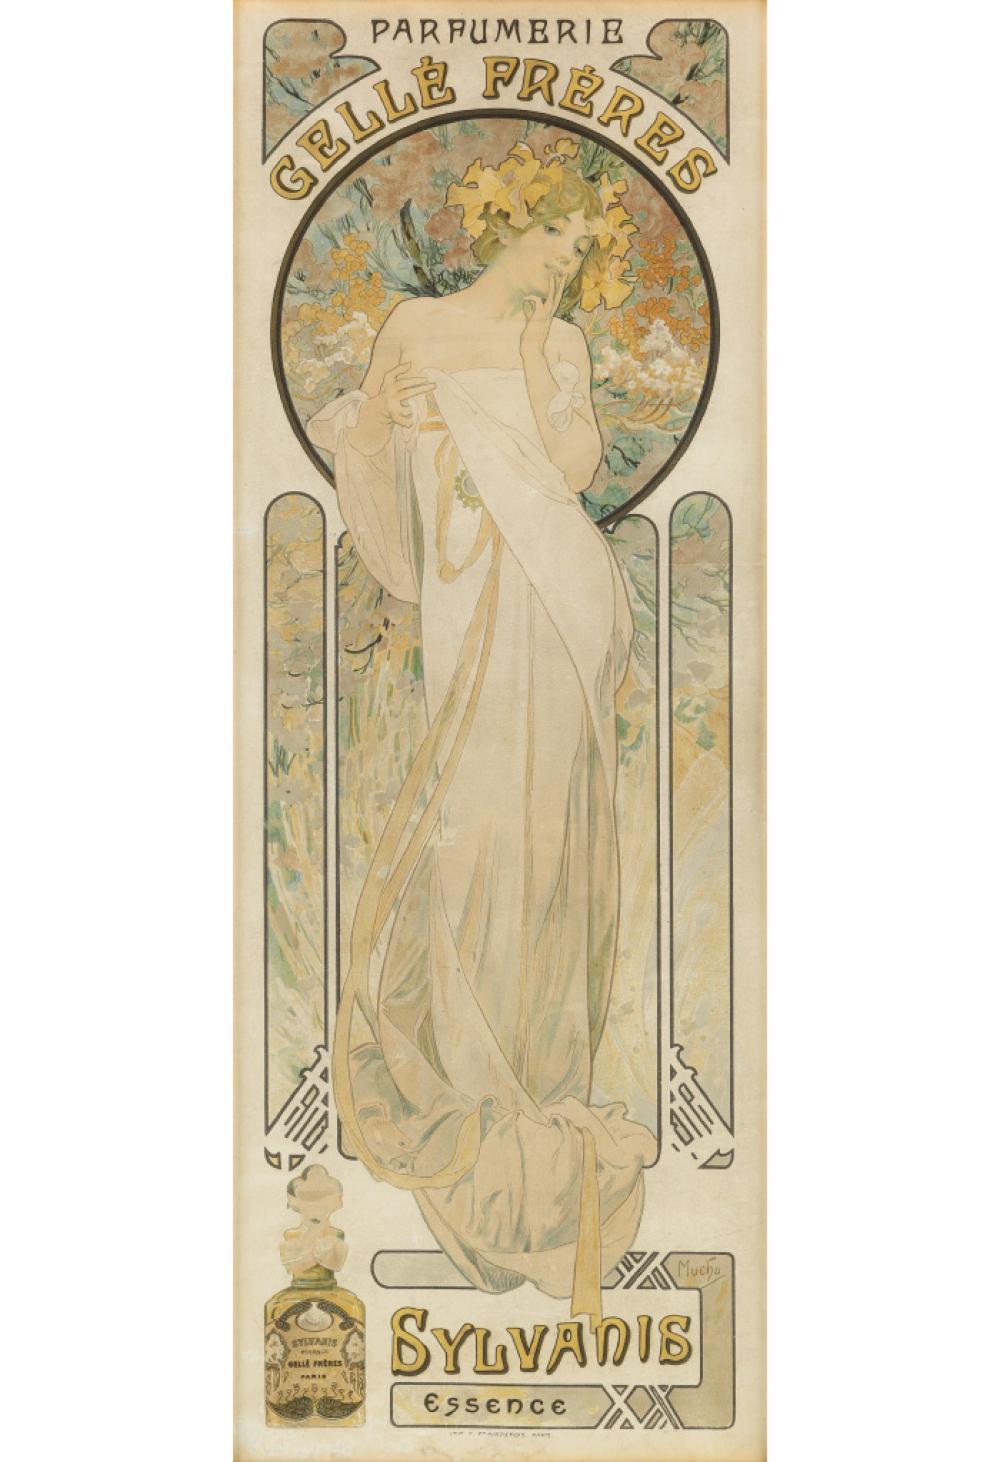 ALPHONSE MUCHA (1860-1939). PARFUMERIE GELLÉ FRÈRES / SYLVANIS ESSENCE. 1899. 24x9 inches, 61x23 cm. F. Champenois, Paris.